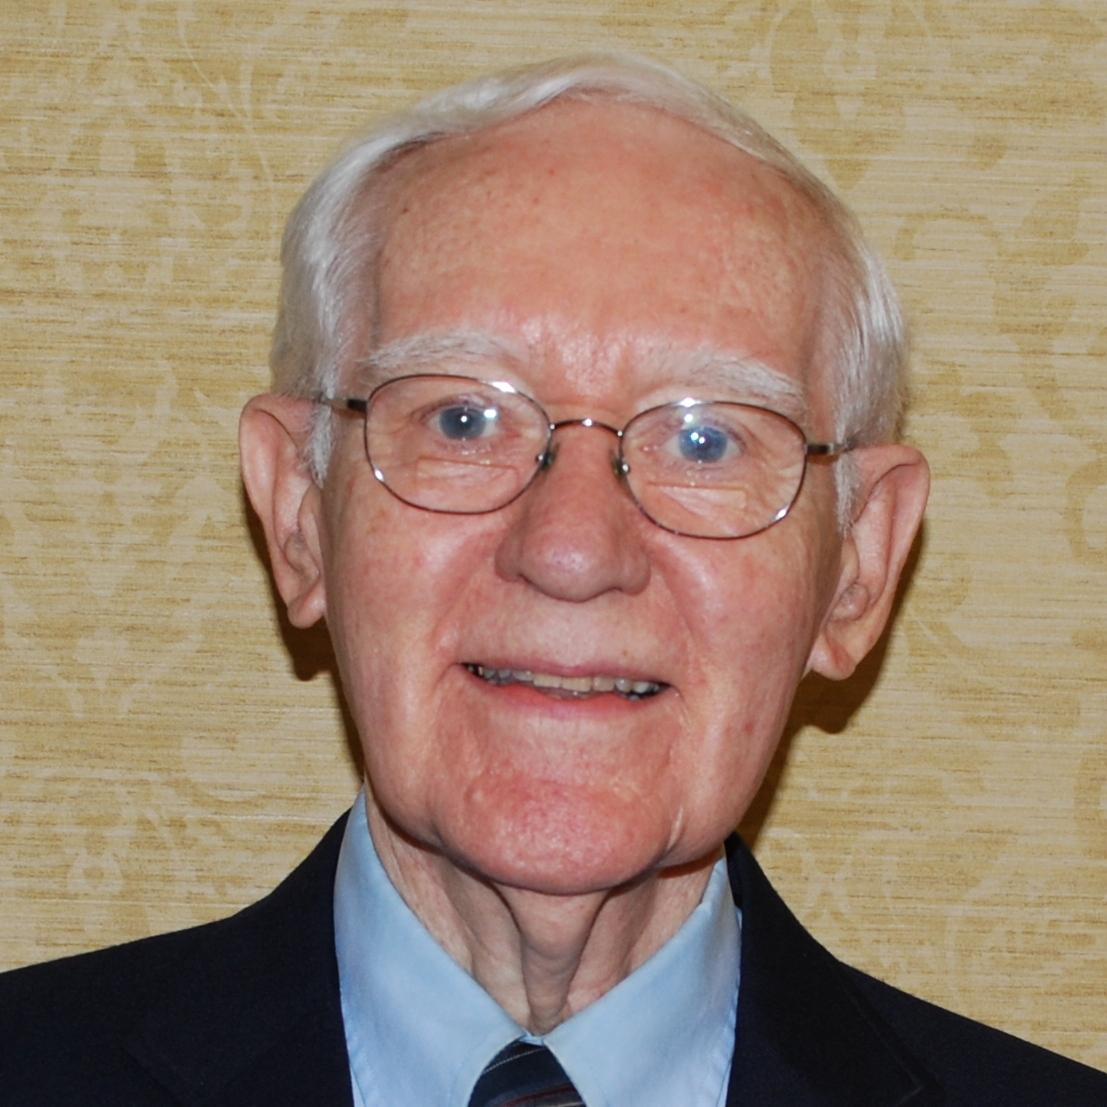 Ken Jarboe